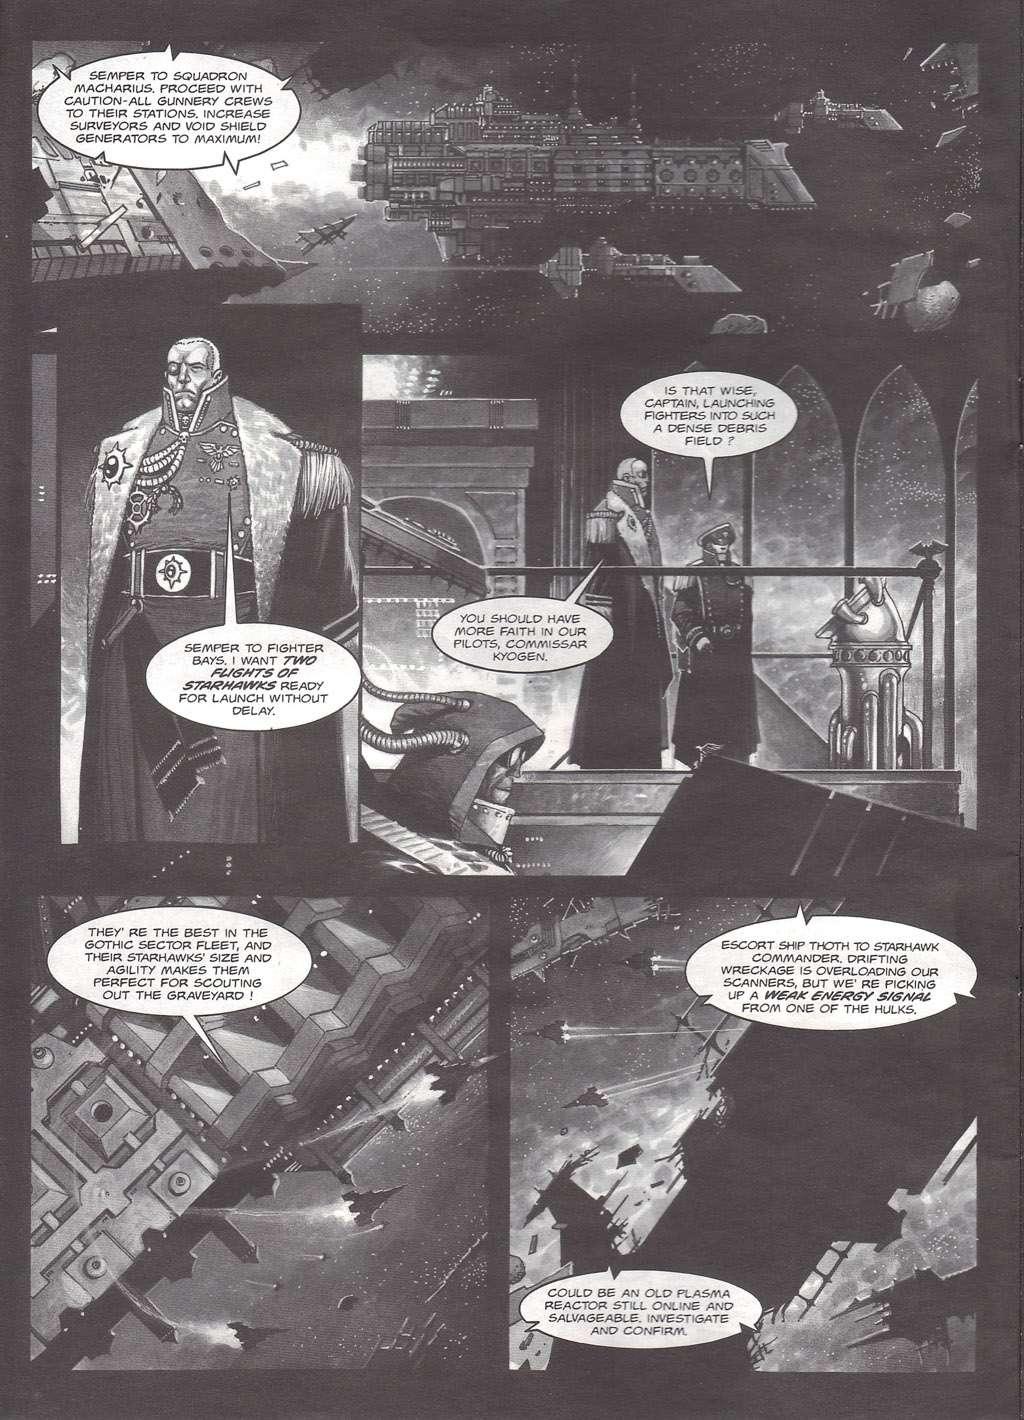 [GALERIE] Artworks - Page 7 Bfg_ge22